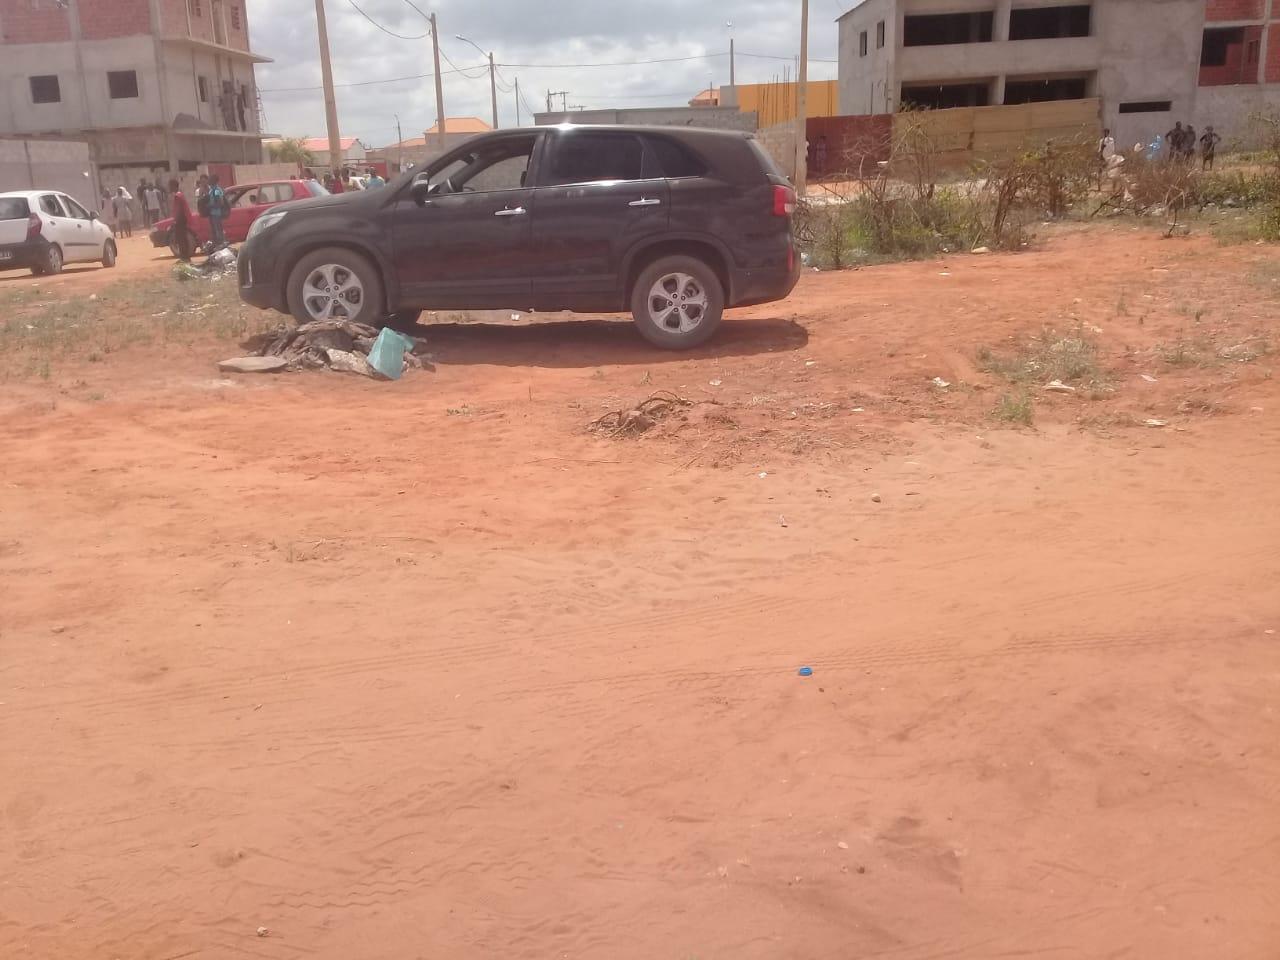 encontrado corpo de um cidadão morto na porta-bagagem de um carro no zango - WhatsApp Image 2019 01 18 at 11 - Encontrado Corpo de um cidadão morto na porta-bagagem de um carro no zango